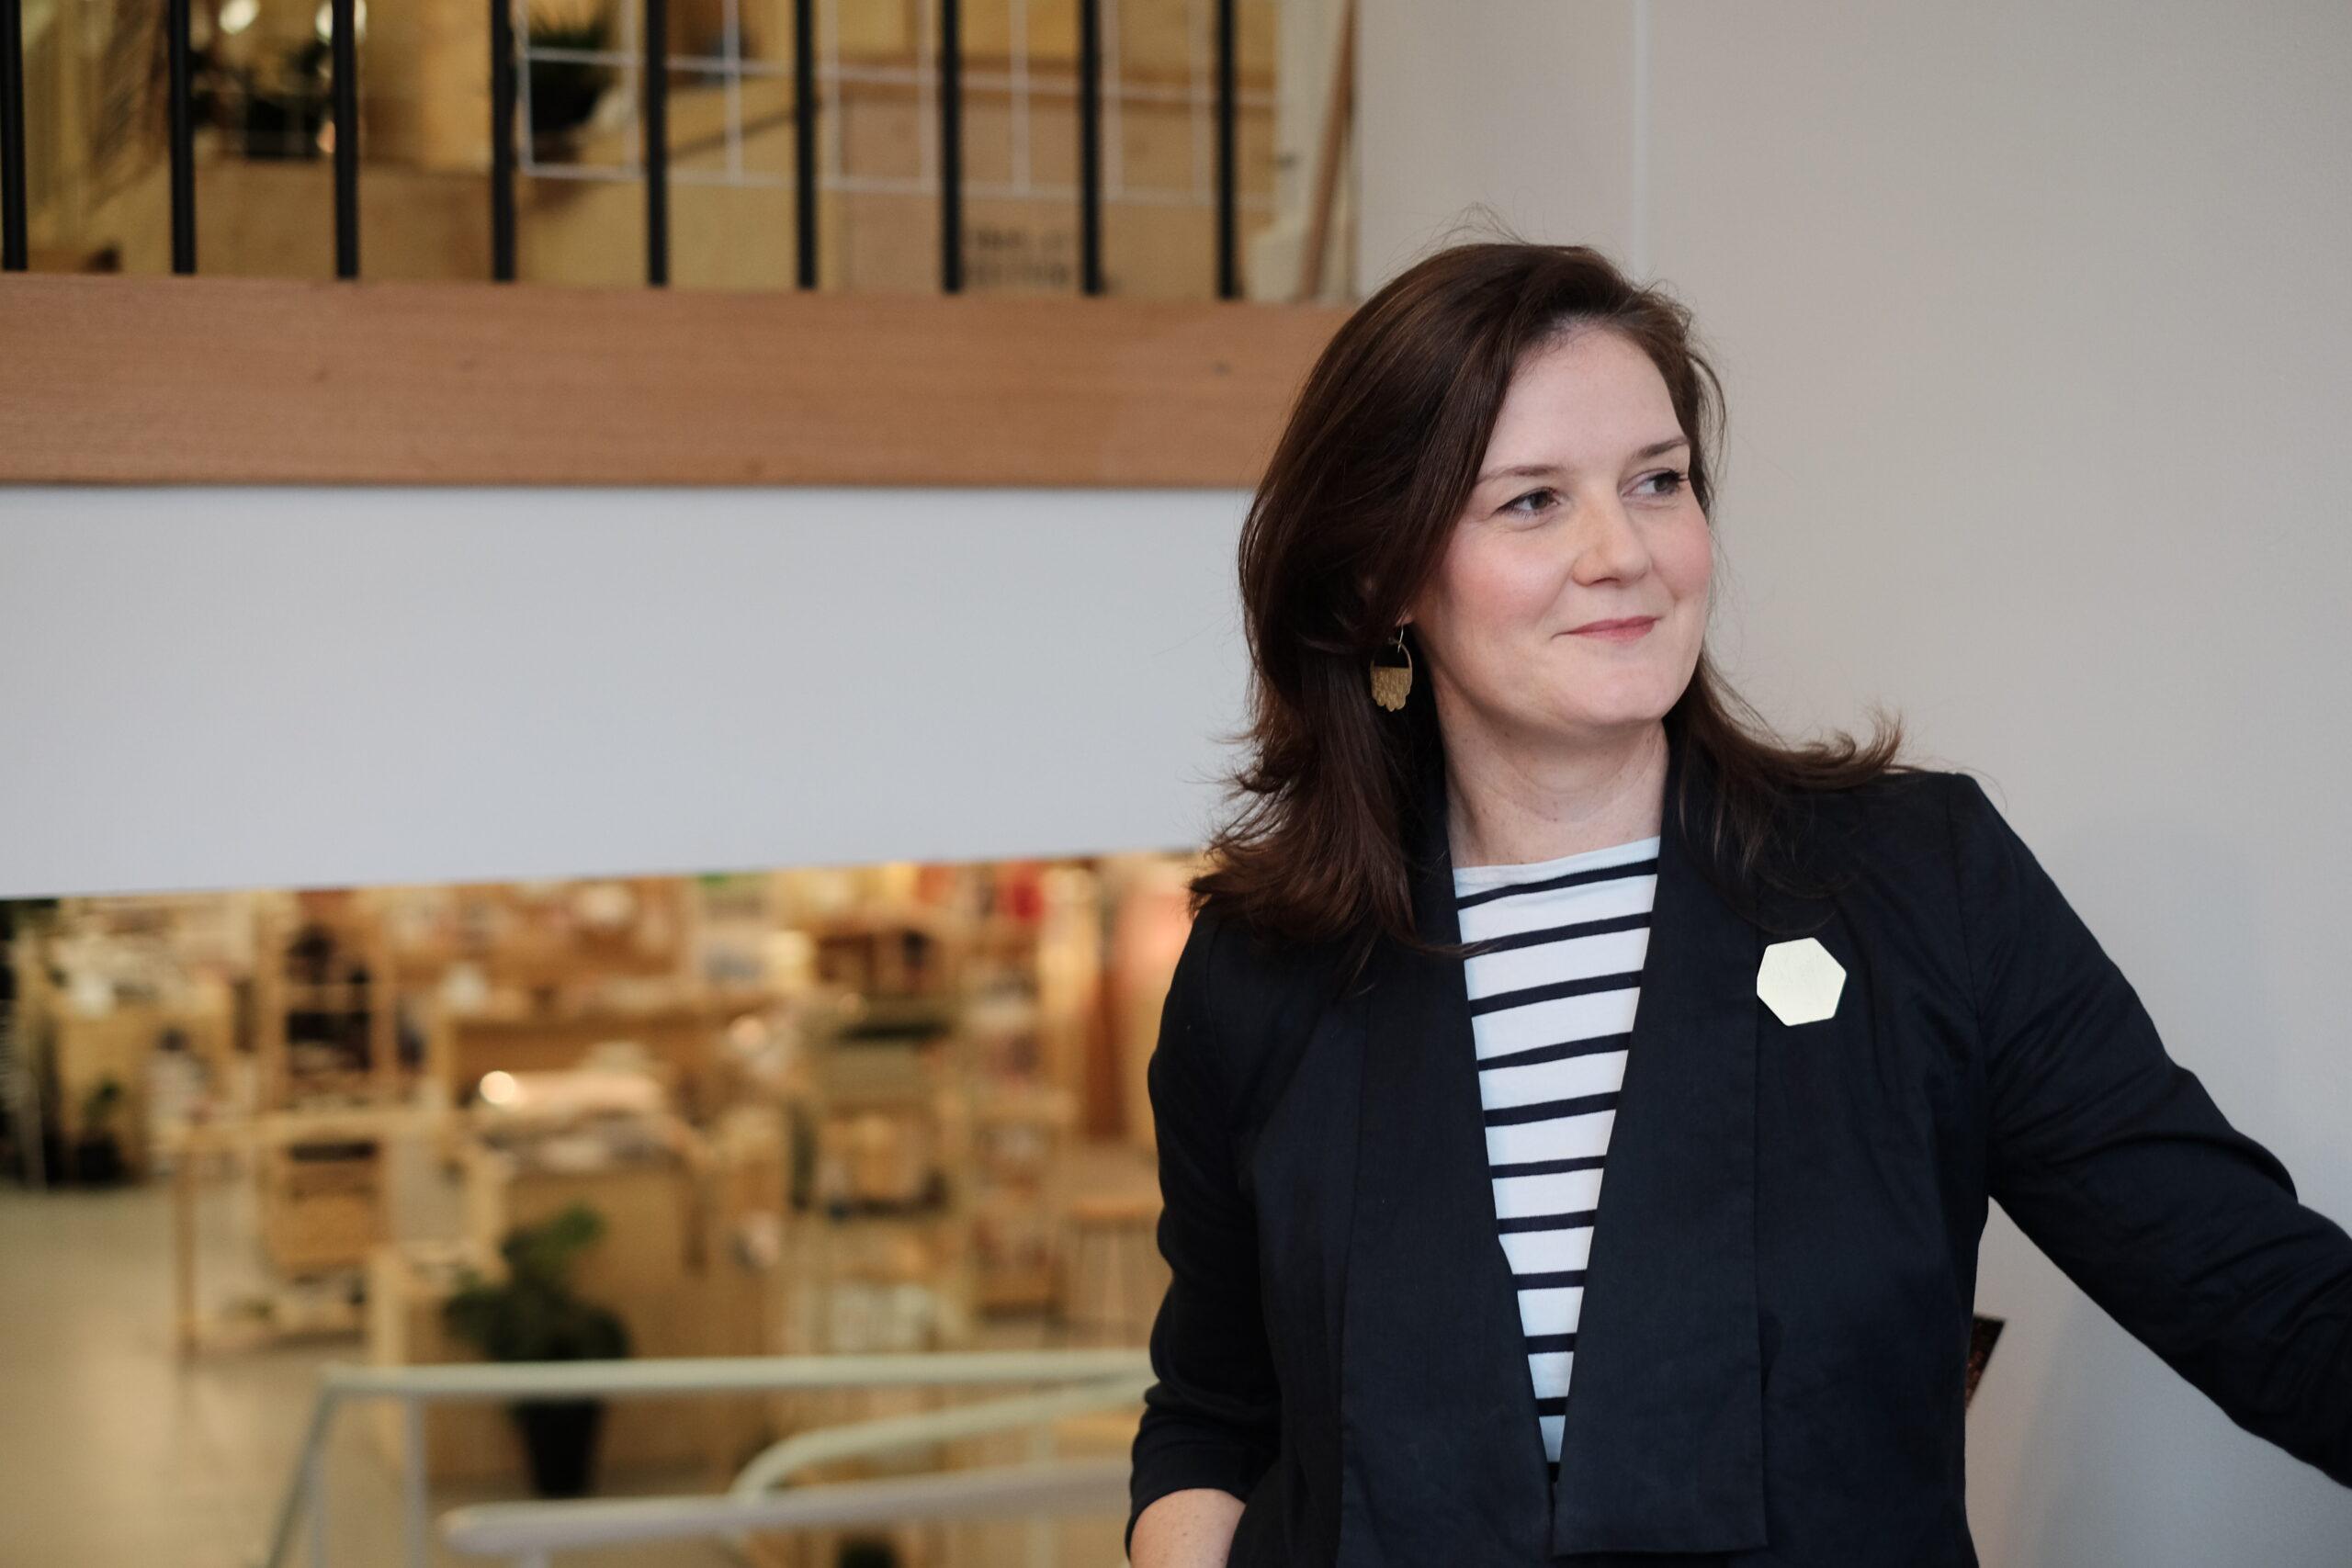 Elizabeth Donaldson